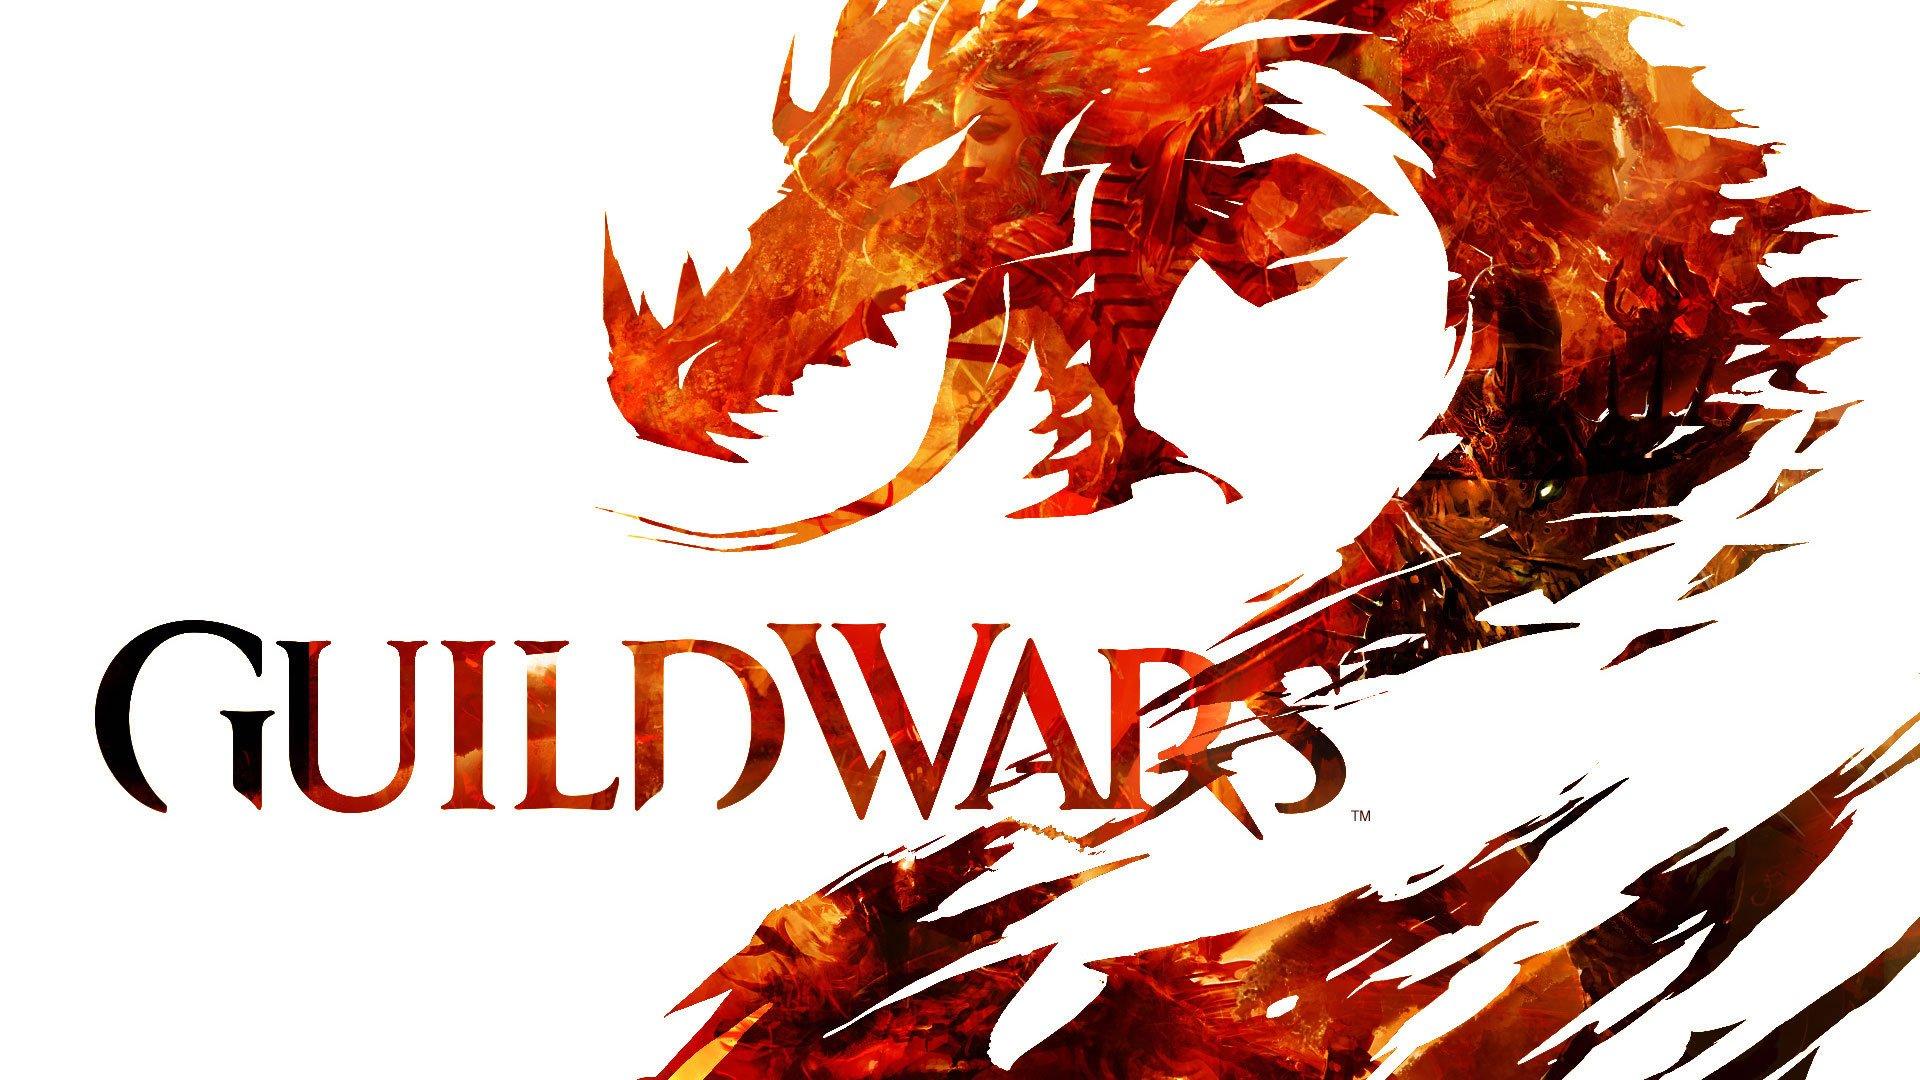 Путешествие по Guild Wars 2 ... Знакомство - Изображение 1